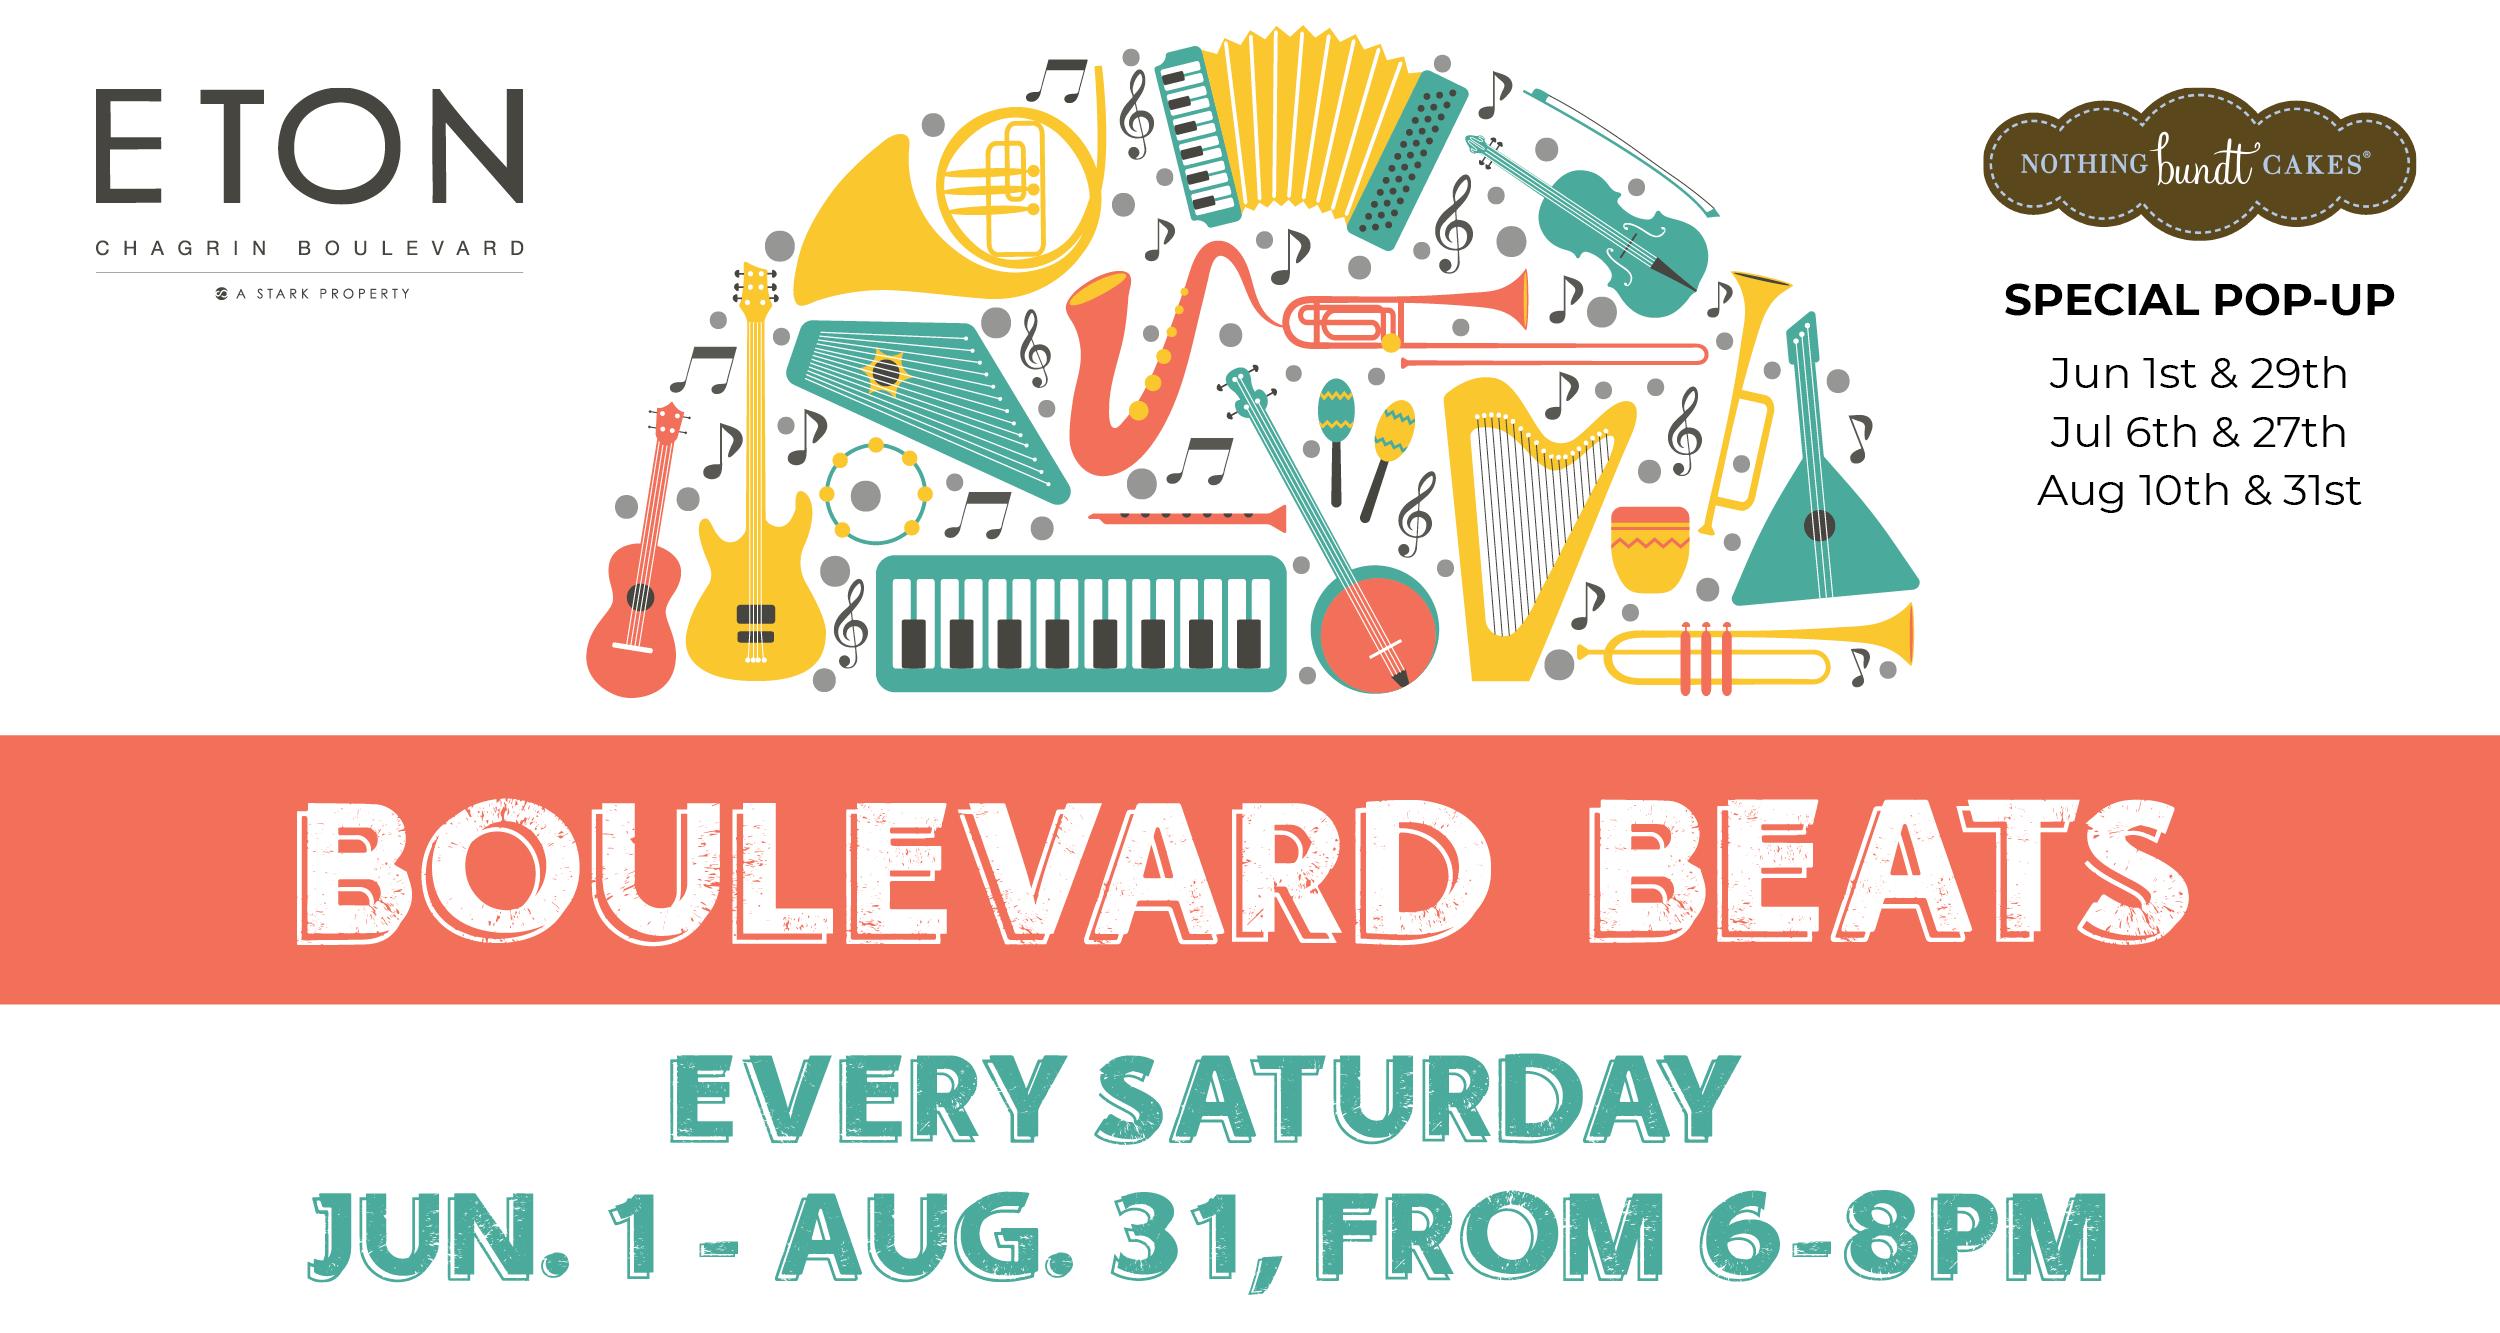 Boulevard Beats